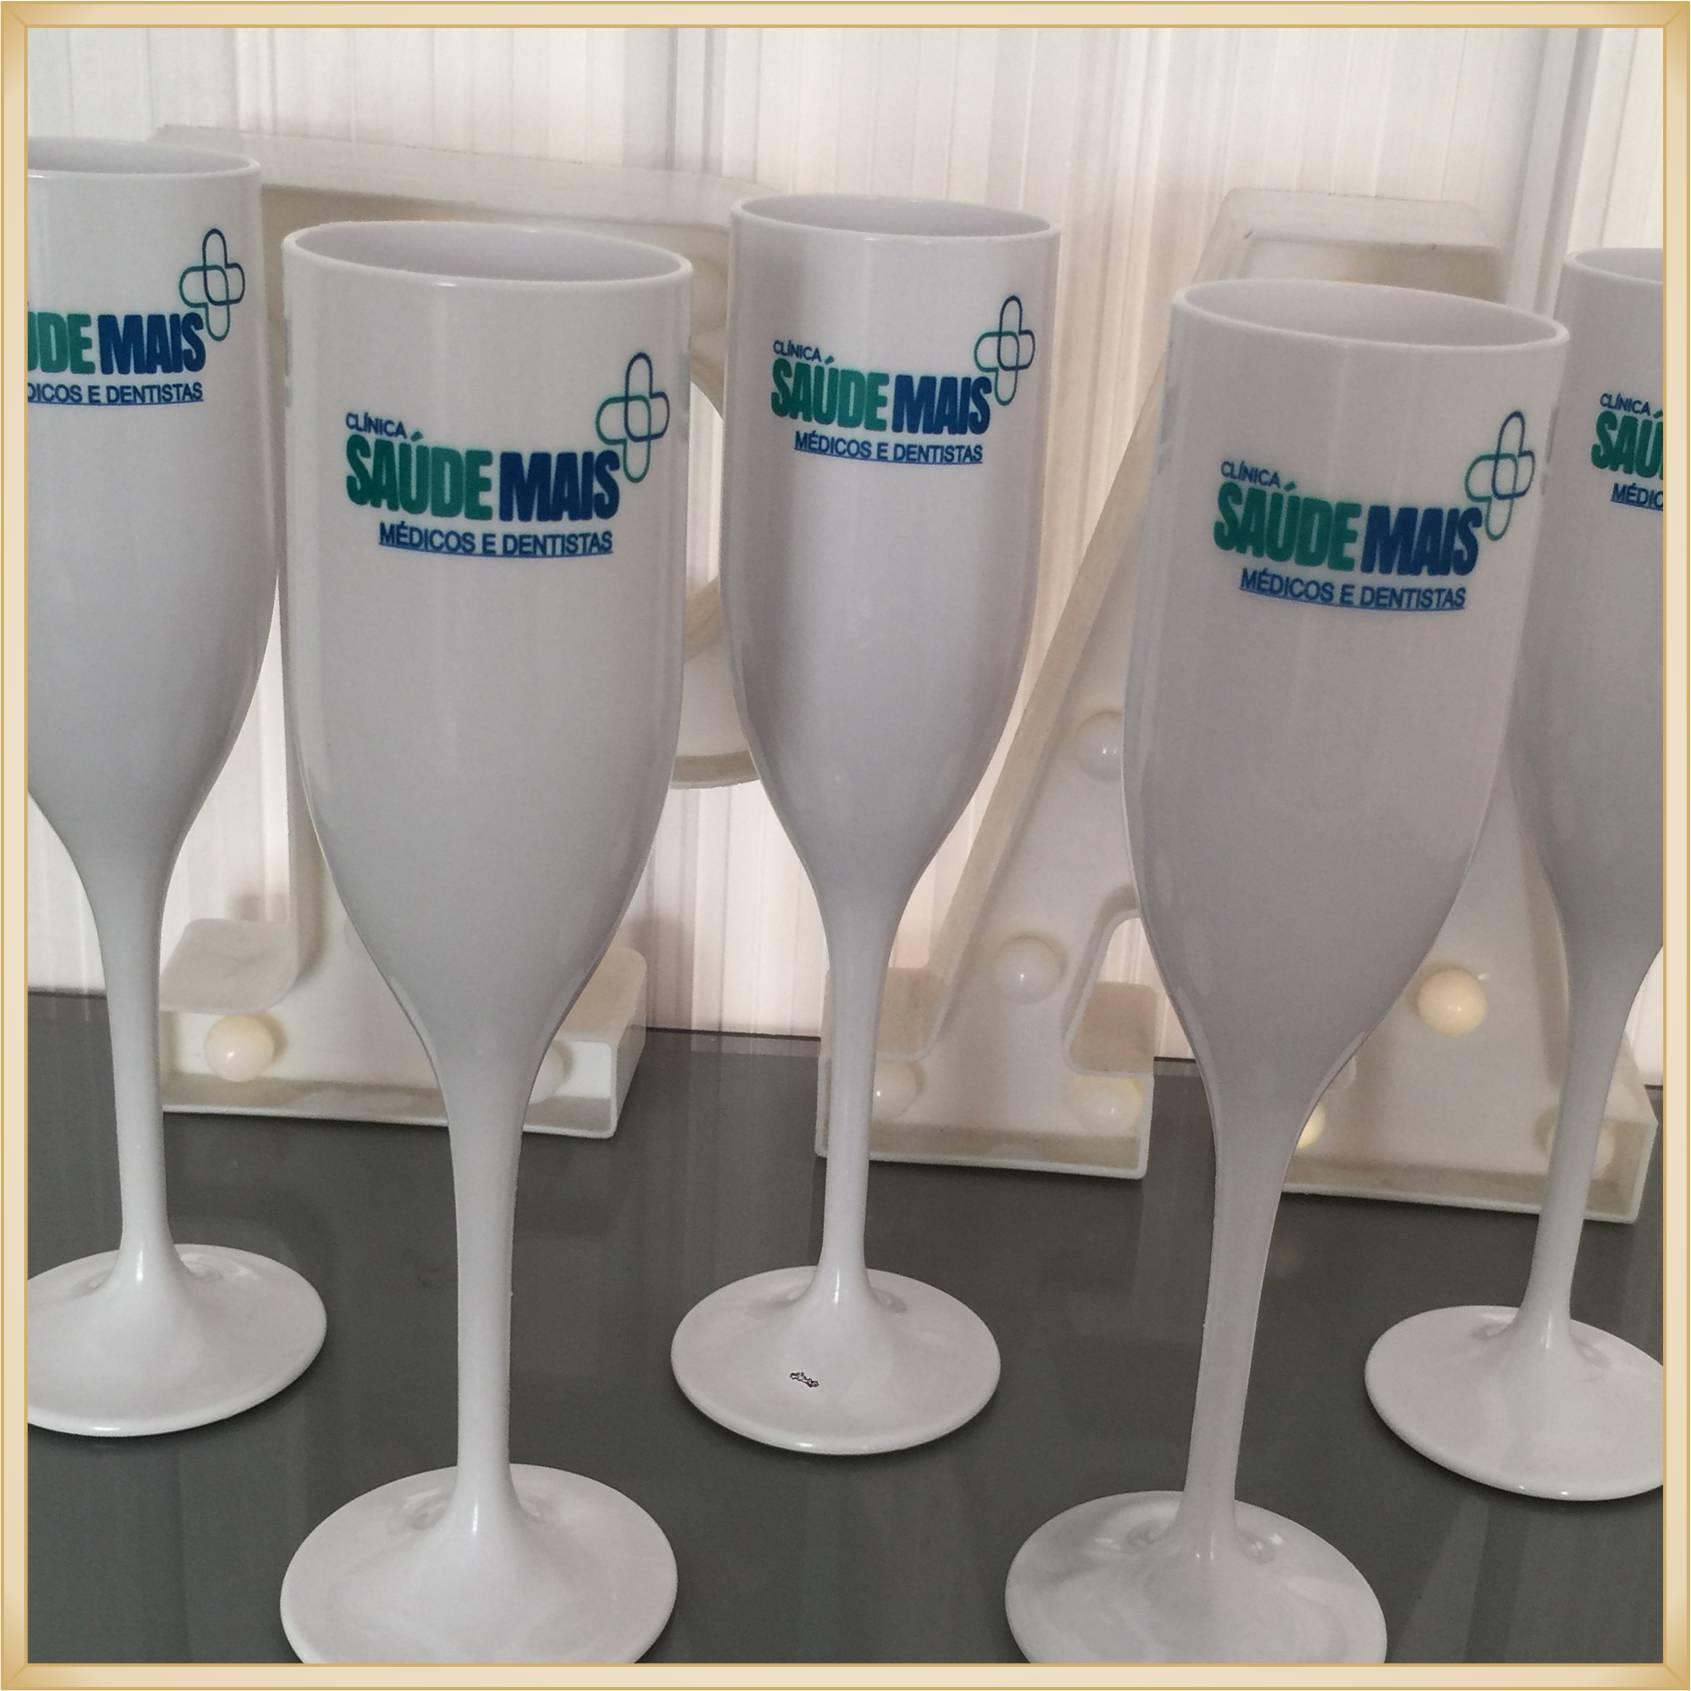 Taça de acrílico Personalizada Empresas - material de qualidade, brilhante, acabamento perfeito, parede 2,0 mm, produto Atóxico, 190 ml.